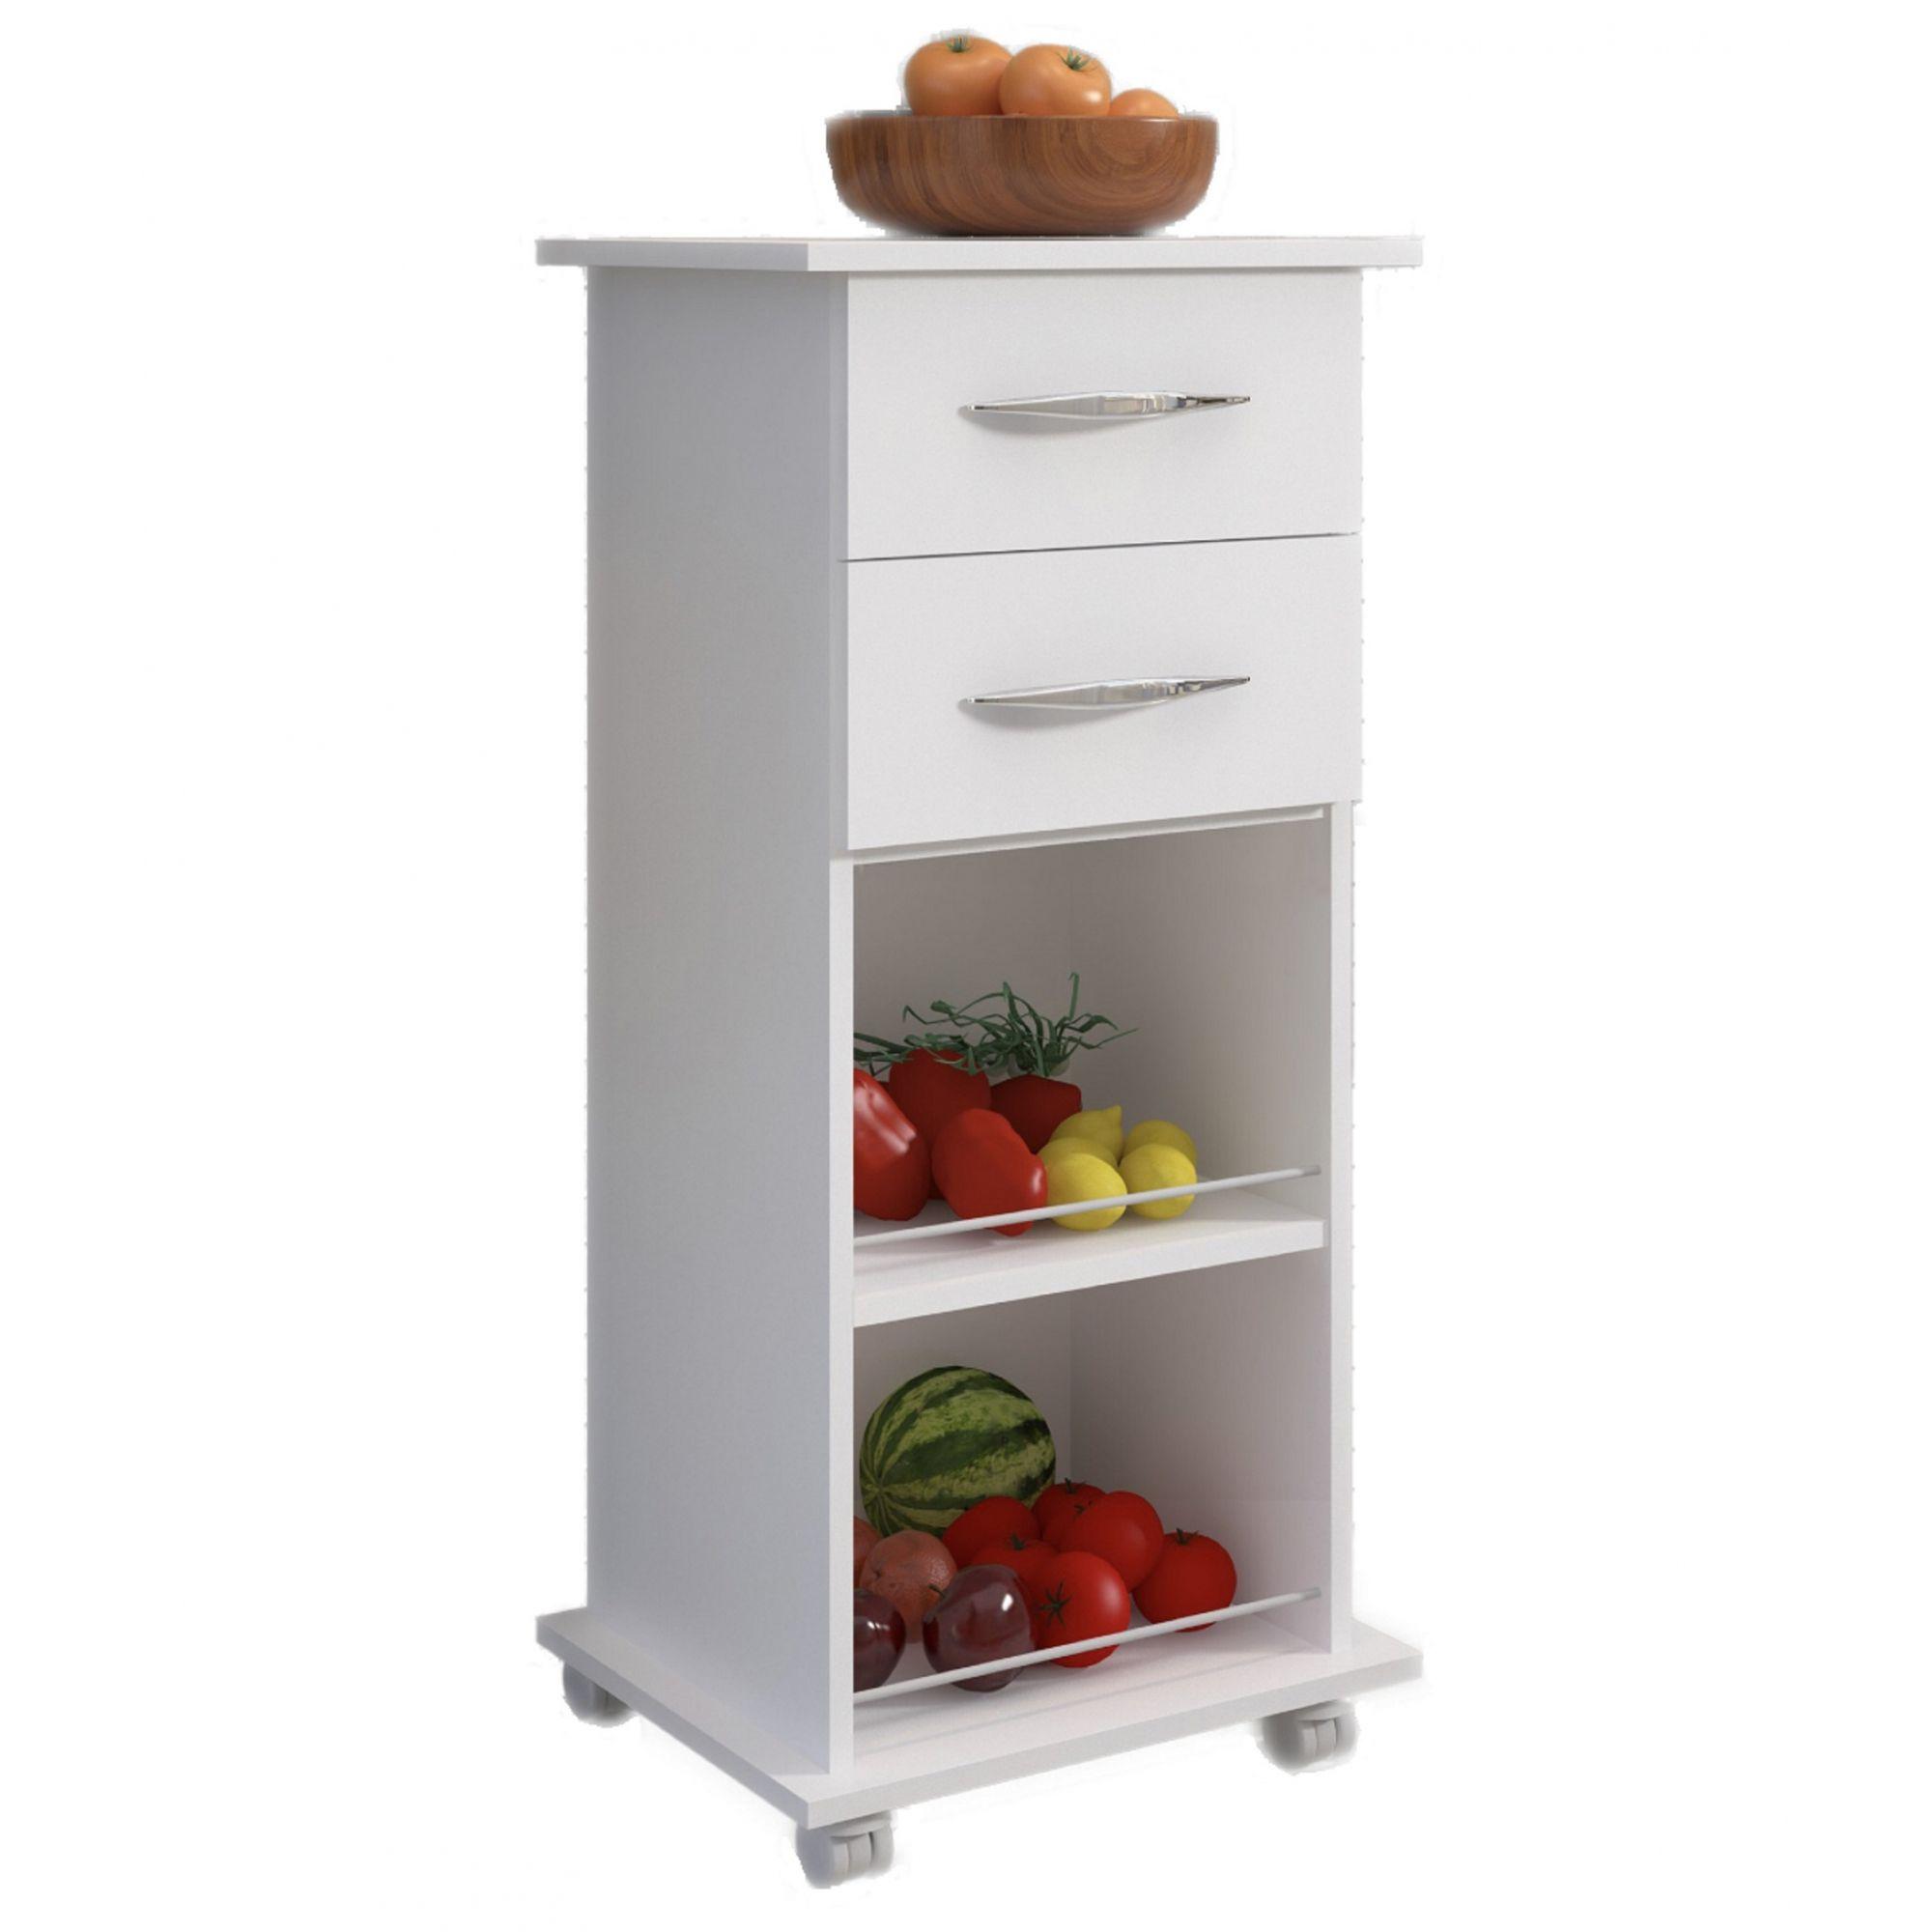 Armário Branco Chão Cozinha 2 Gavetas Multiuso